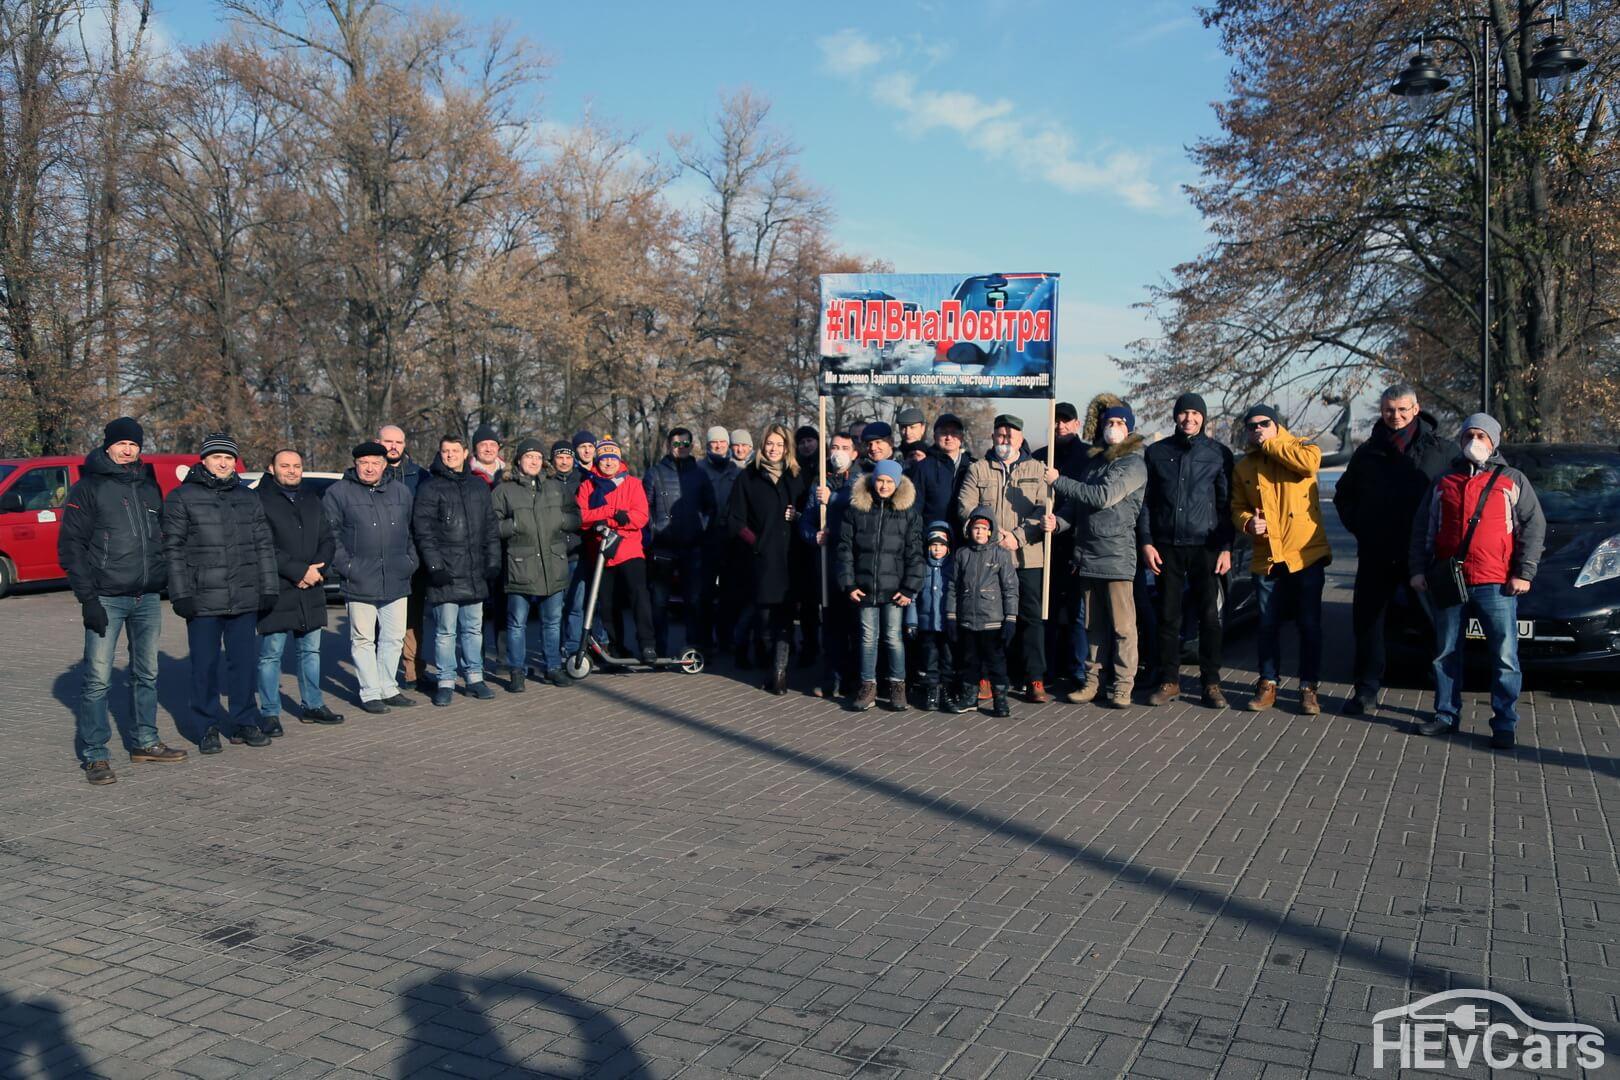 Сбор электромобилистов для пробега в Киеве возле памятника основателям Киева